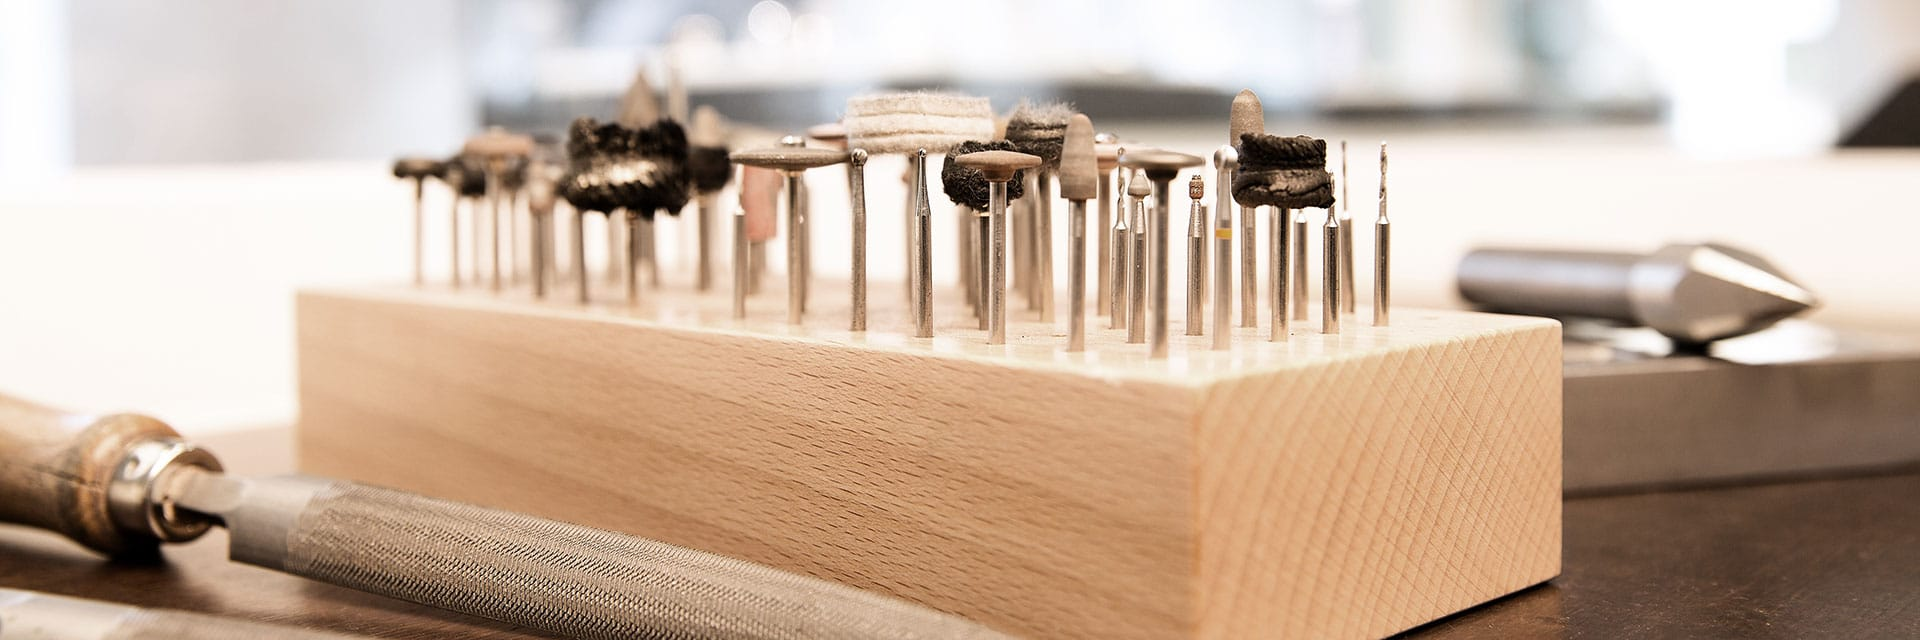 Hochwertige Werkzeuge für kreative Ideen